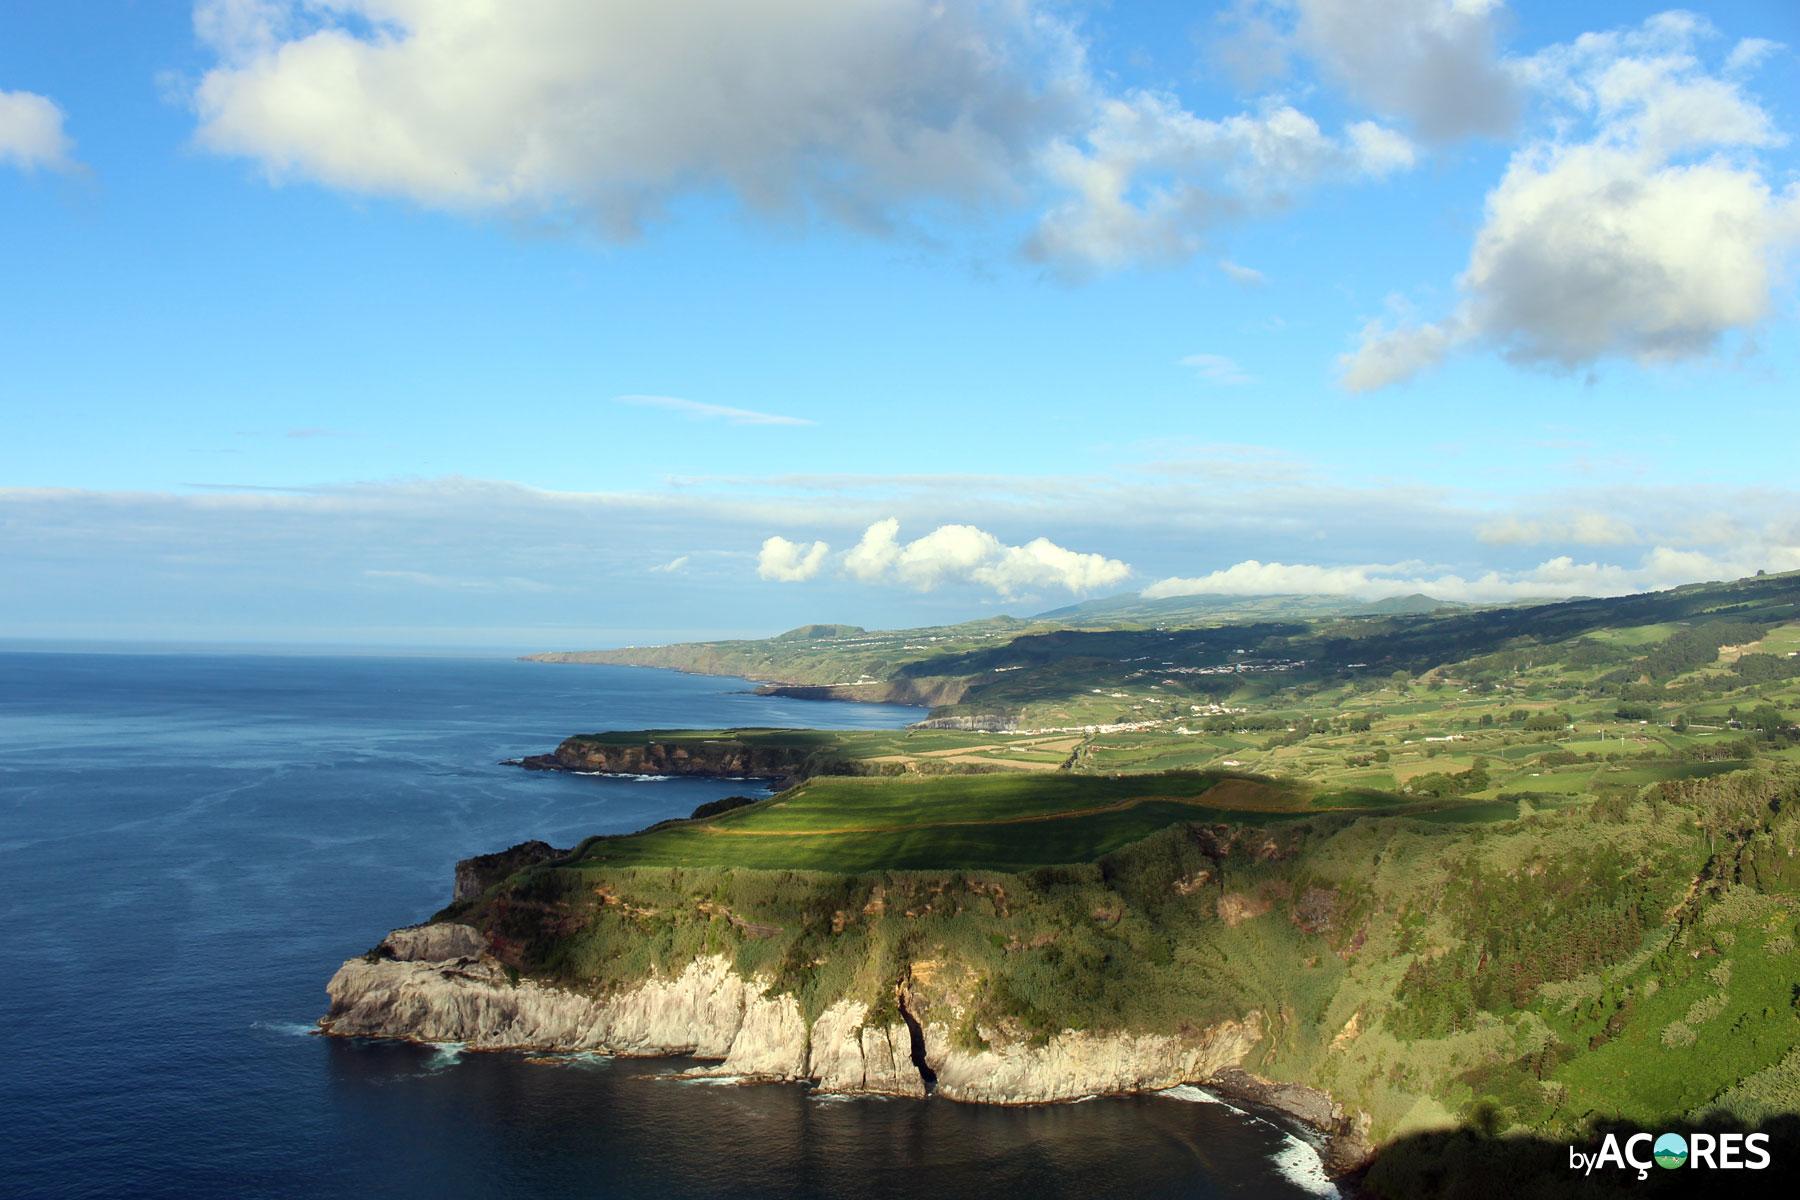 Miradouro Santa Iria - Vista - São Miguel, Açores